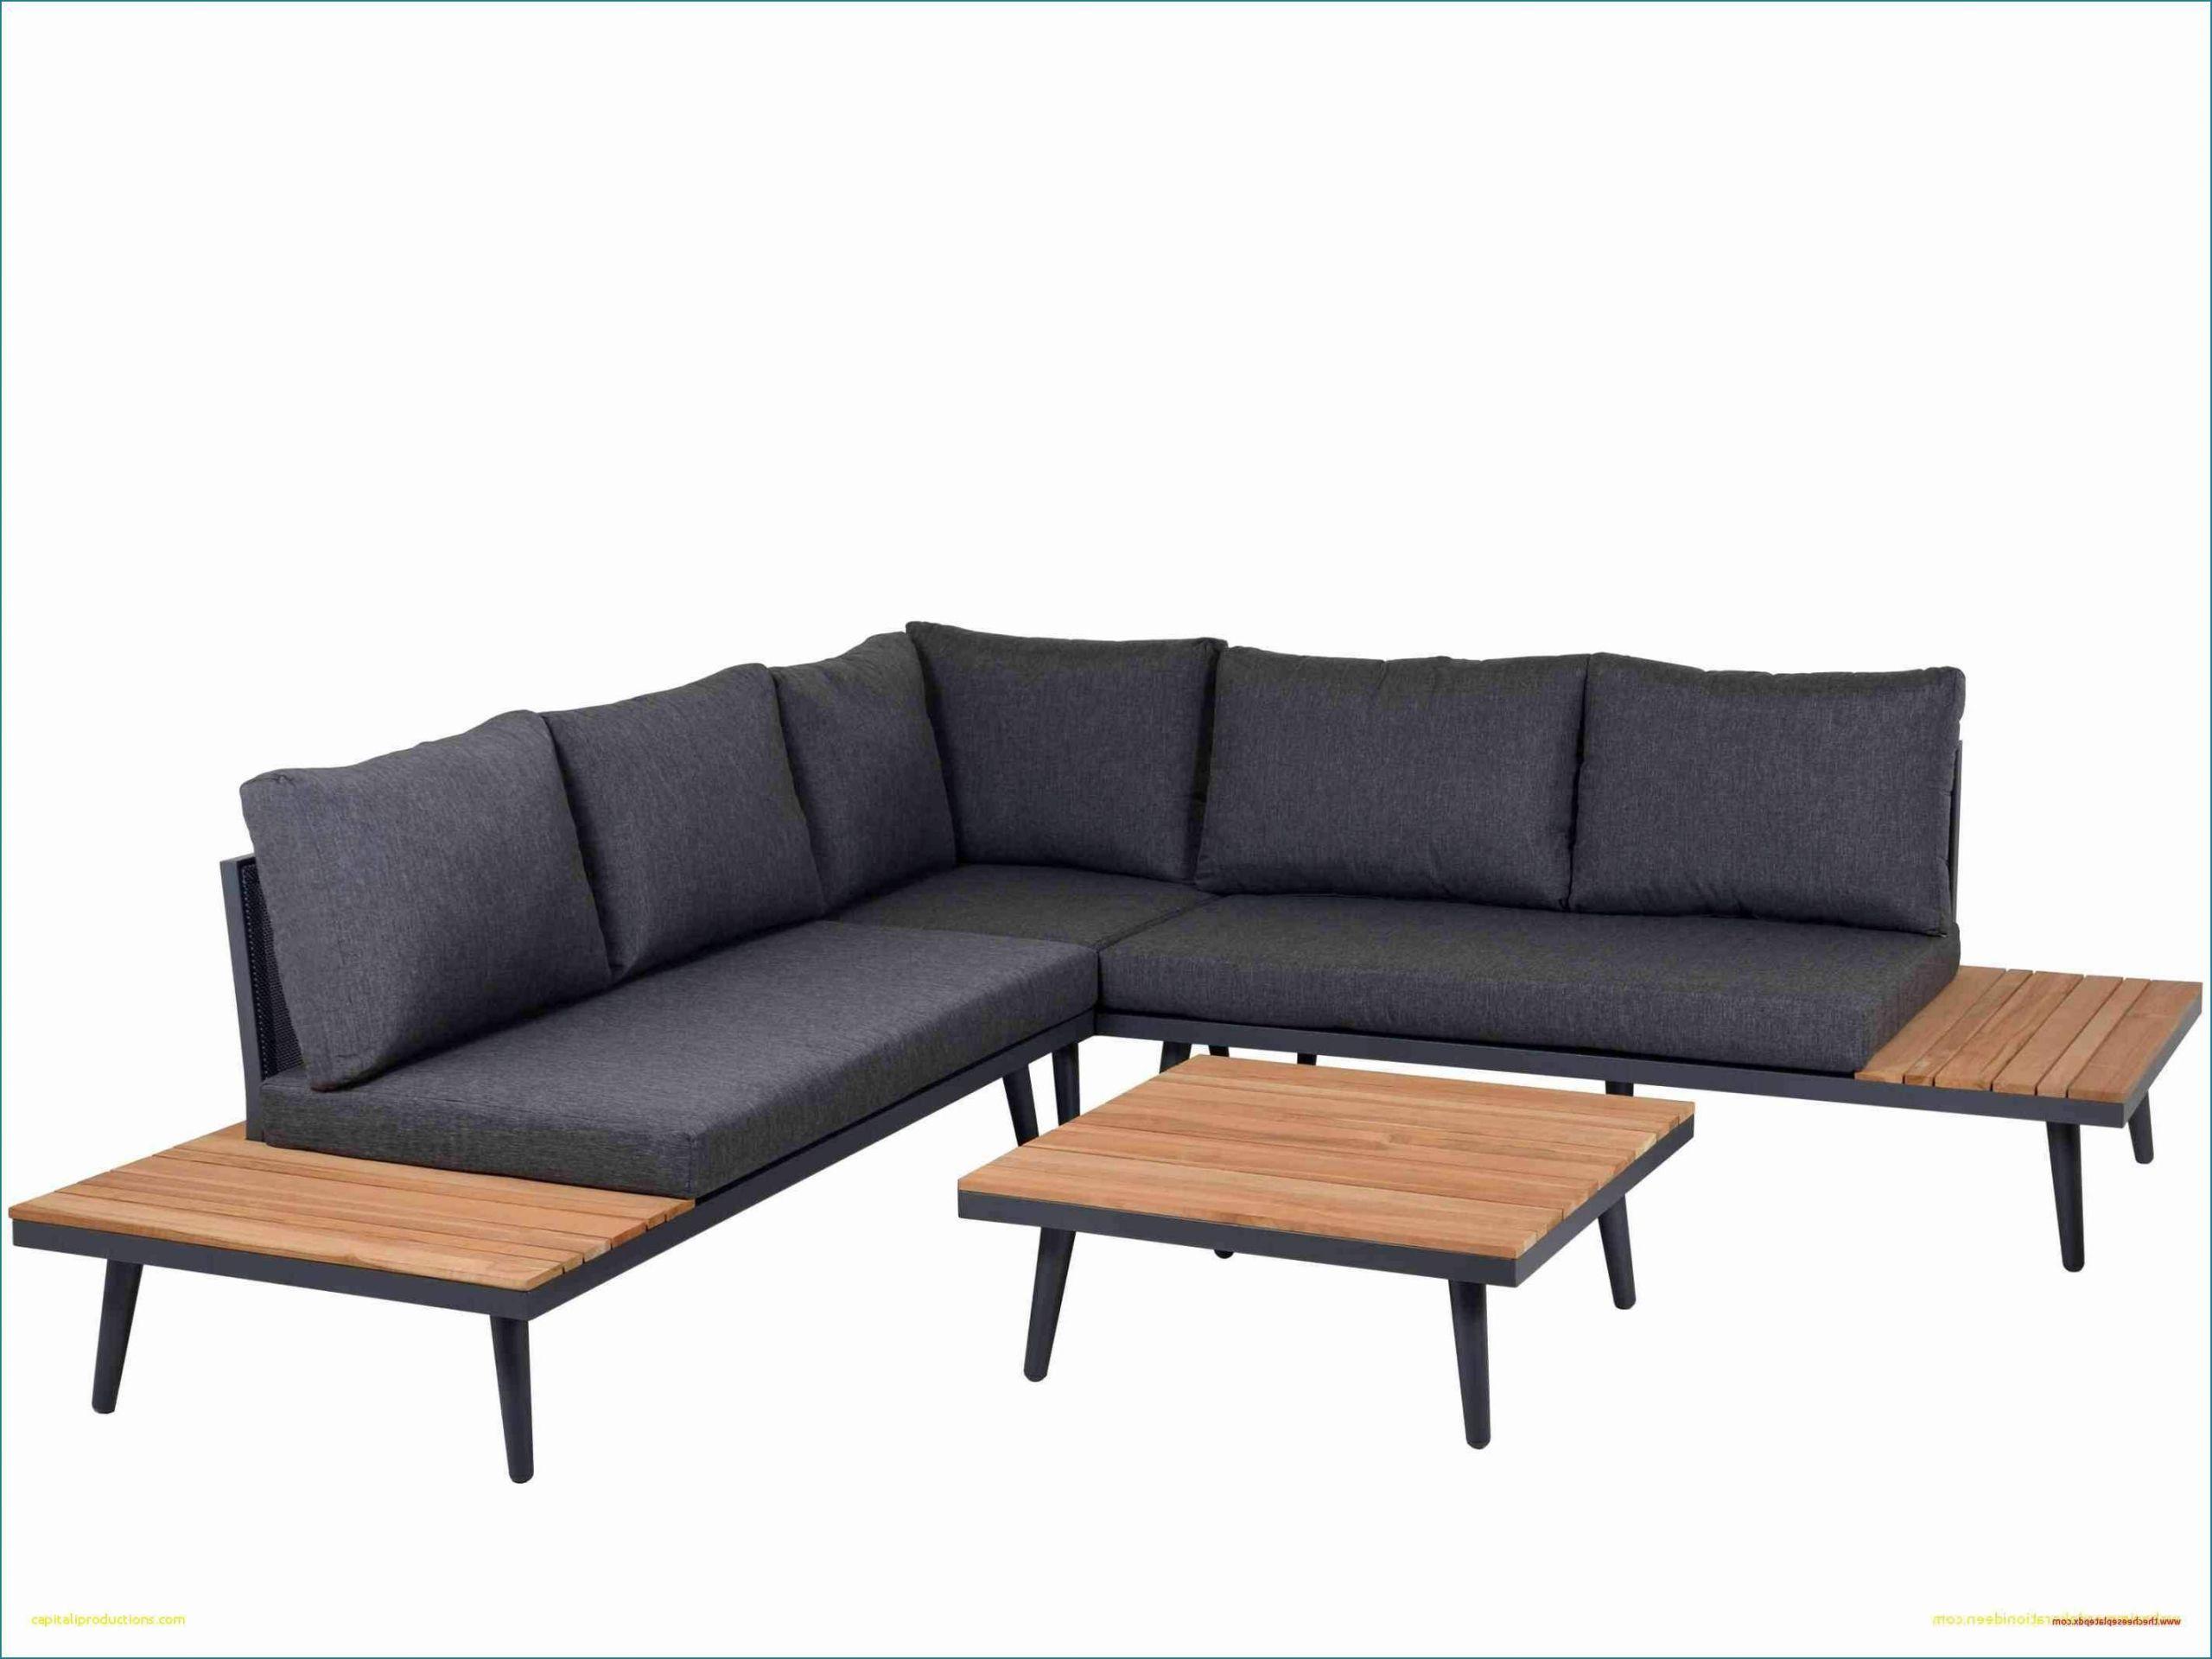 Full Size of Mondo Sofa Kaufen Softline Bed Srl Bertinoro Leder Online 2 Agata Meble Erfahrungen Group Orari 1 Recamiere Leinen Garnitur Teilig Franz Fertig Schlaffunktion Sofa Mondo Sofa